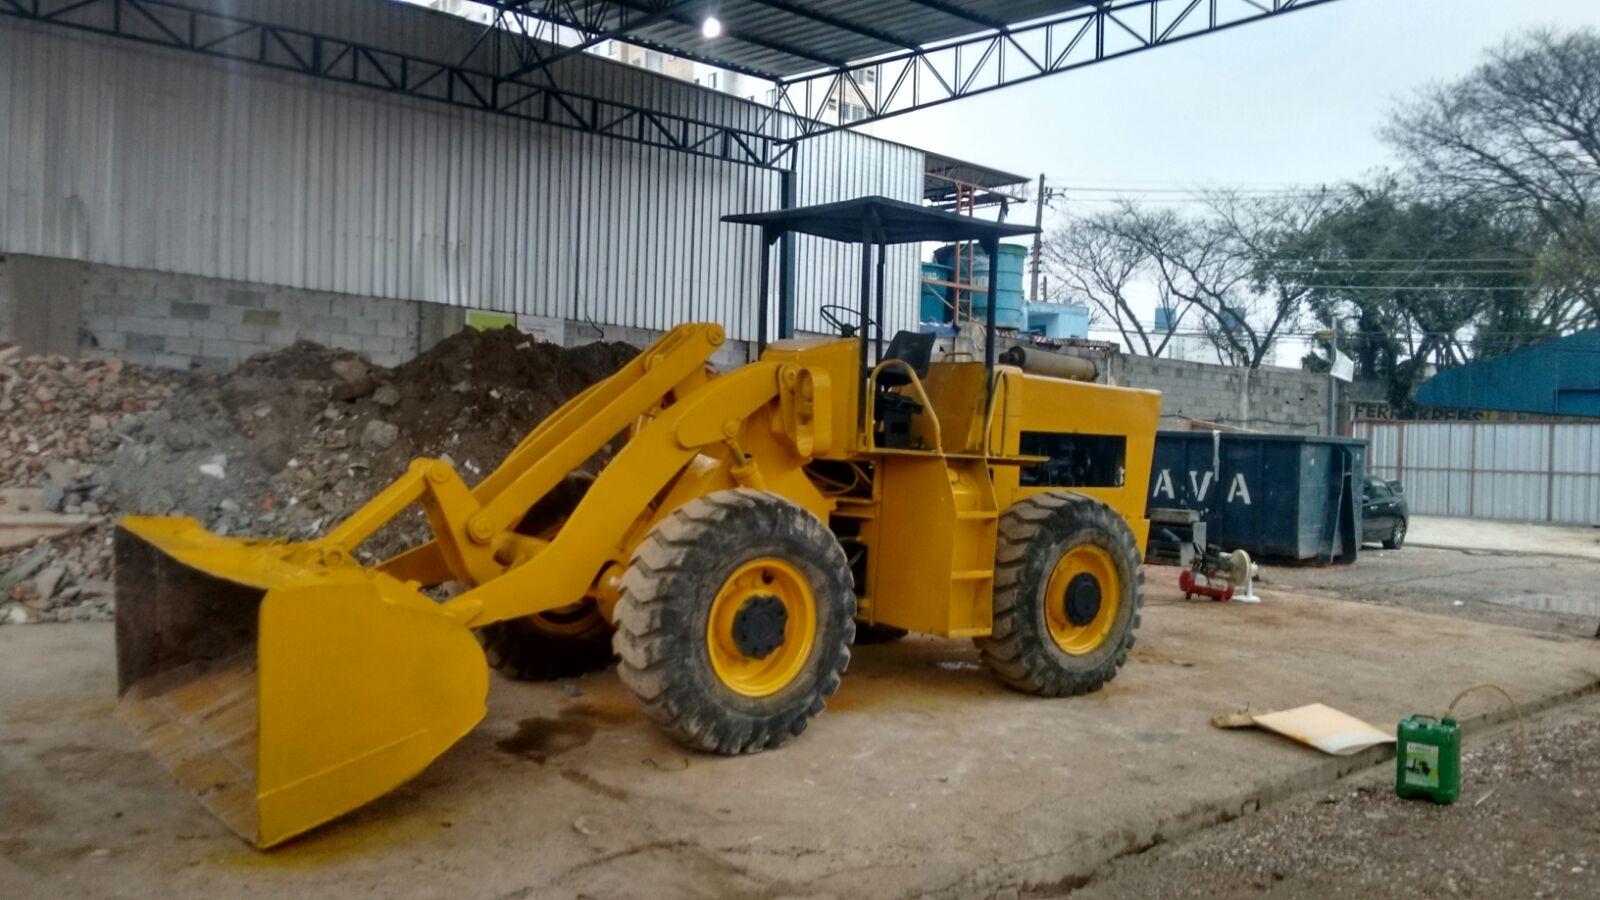 Limpeza de Terrenos para Construção em São Bernardo do Campo - Limpar Terreno